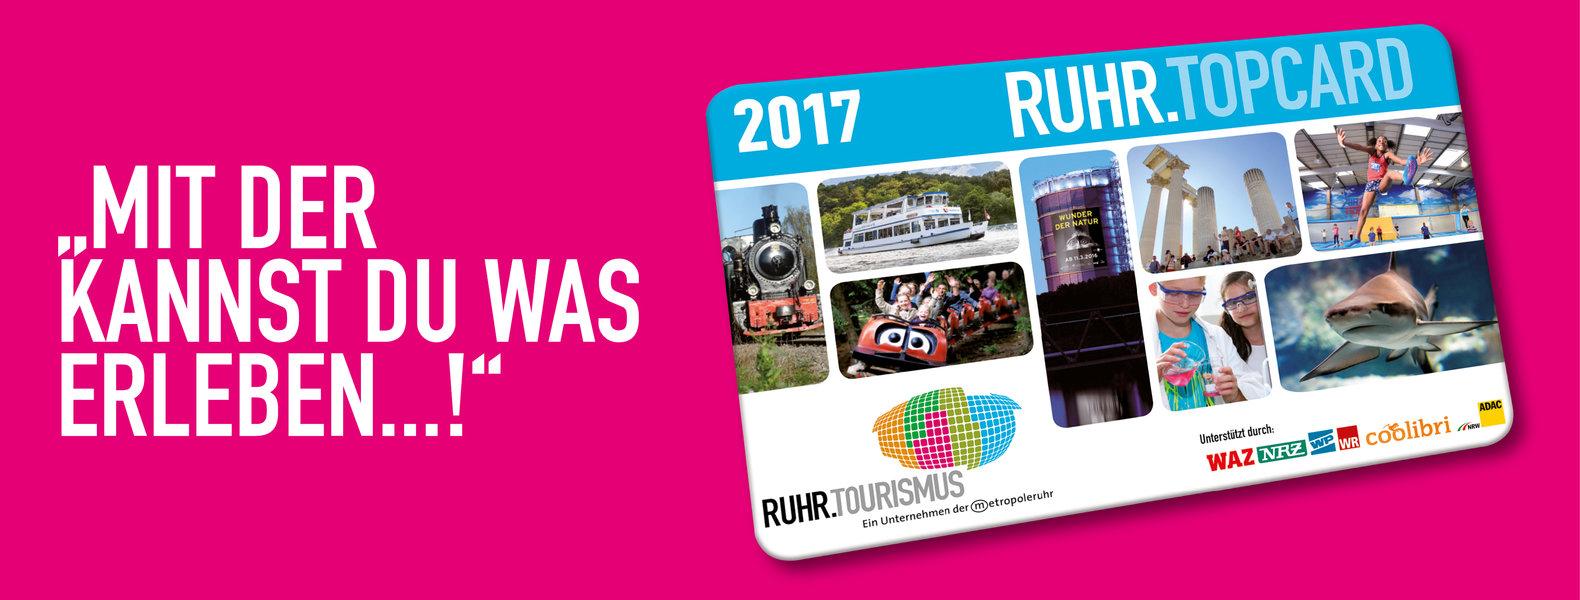 Ruhrtopcard 2017 verbilligt als Abonnement von WP, WR, NRZ, WAZ , sonst über ADAC